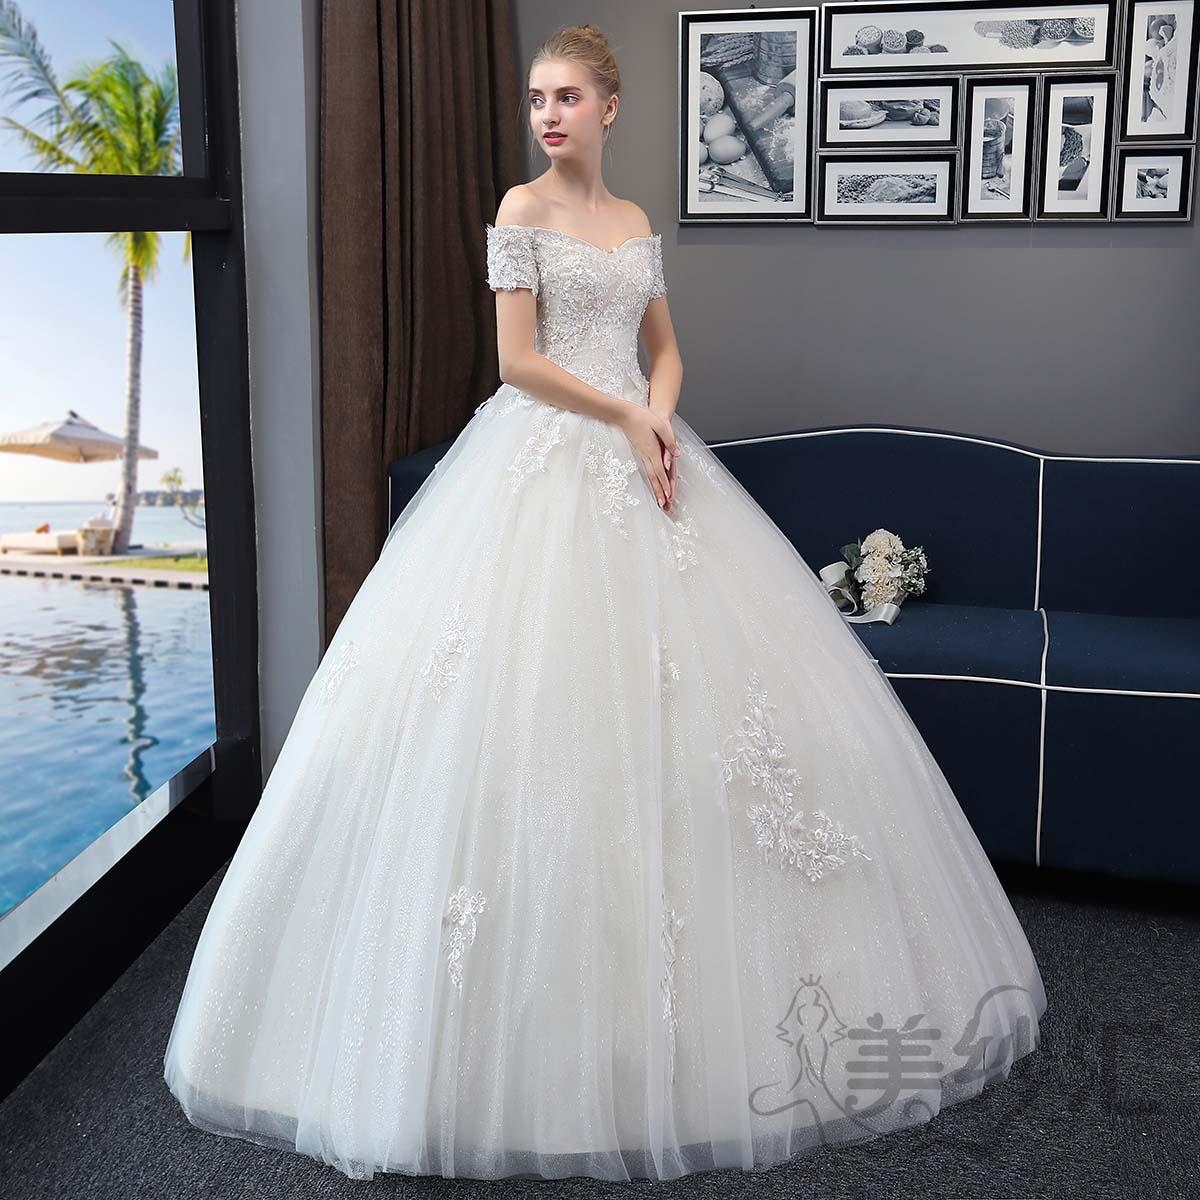 一字肩新娘结婚当天嫁衣齐地婚纱绑带款1010722786 香槟色 均码